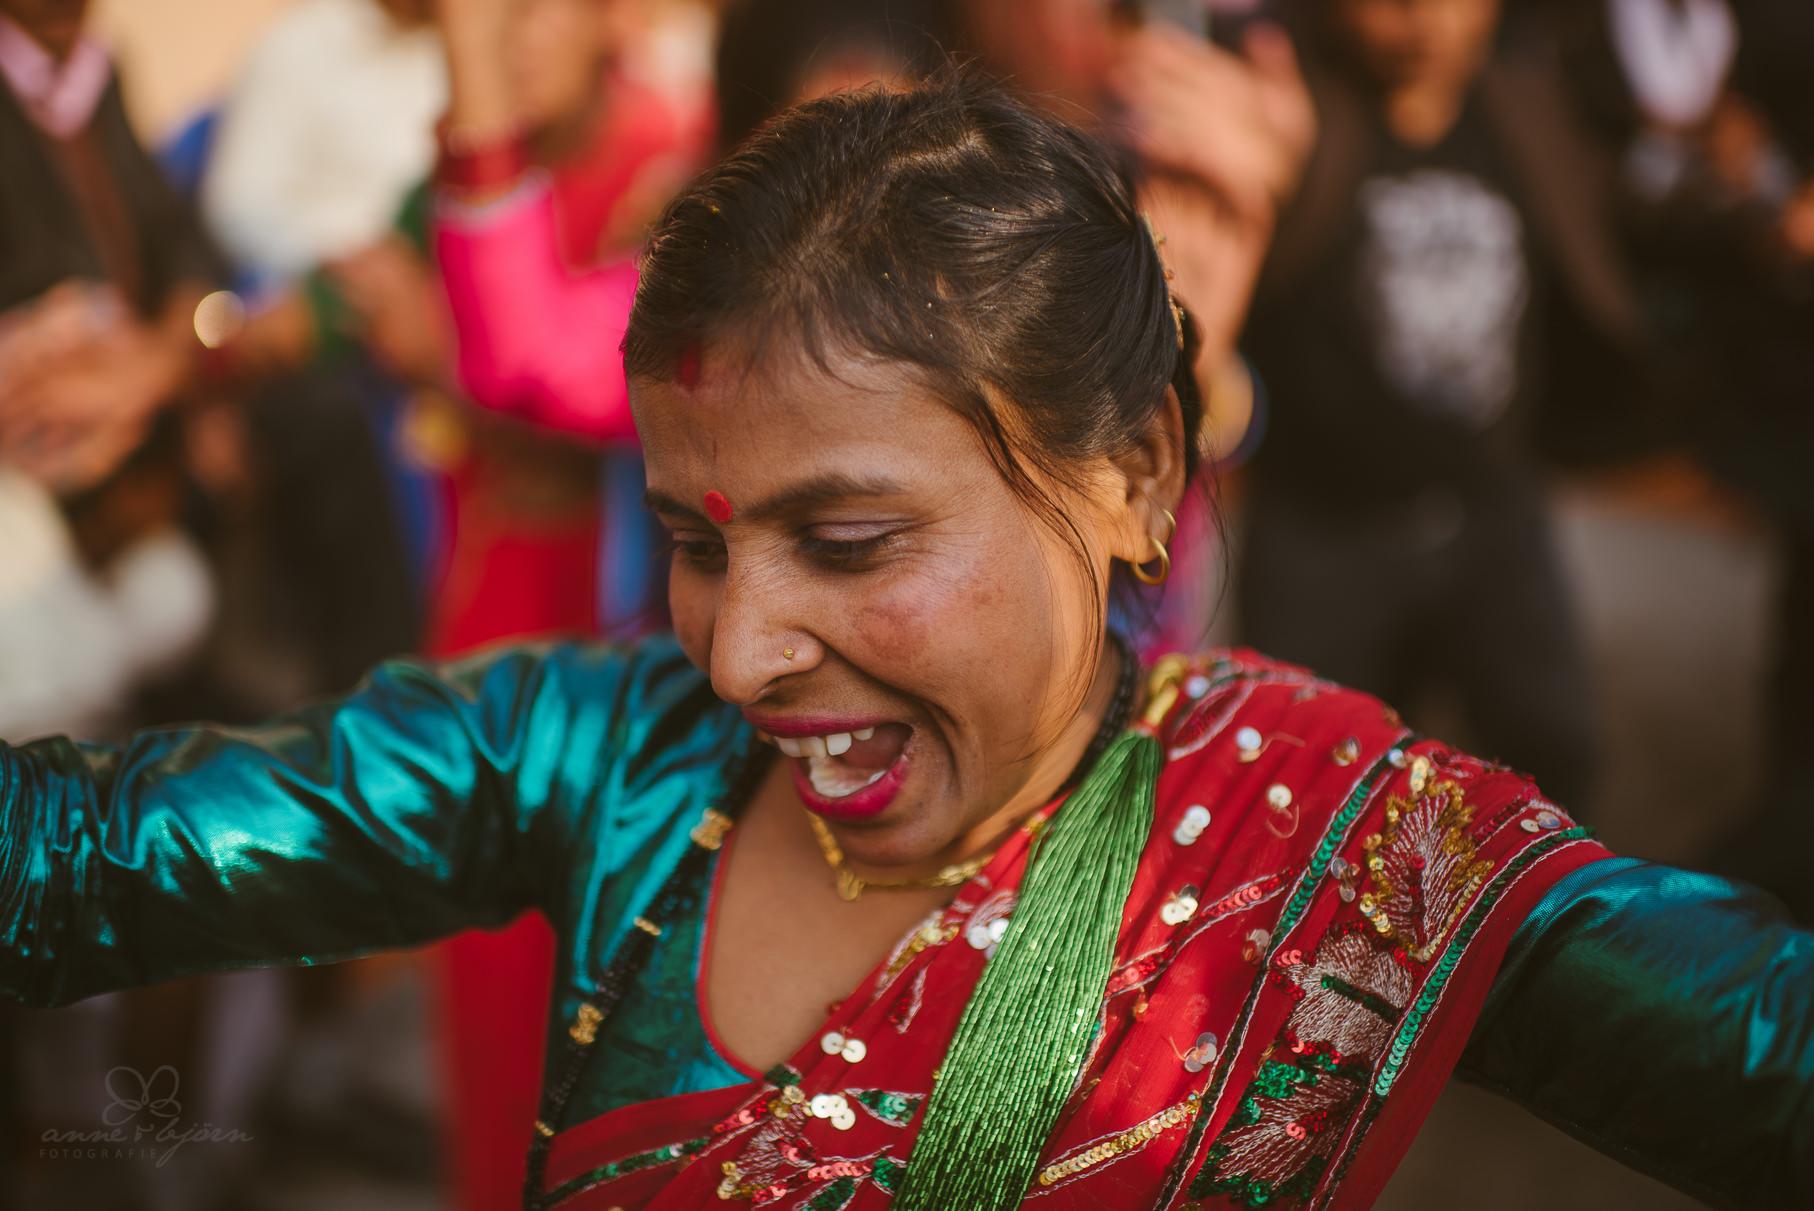 0033 anne und bjoern chitwan nationalpark nepal d75 4022 2 - Nepal Teil 3 - Roadtrip, Chitwan Nationalpark und eine spontane Hochzeit